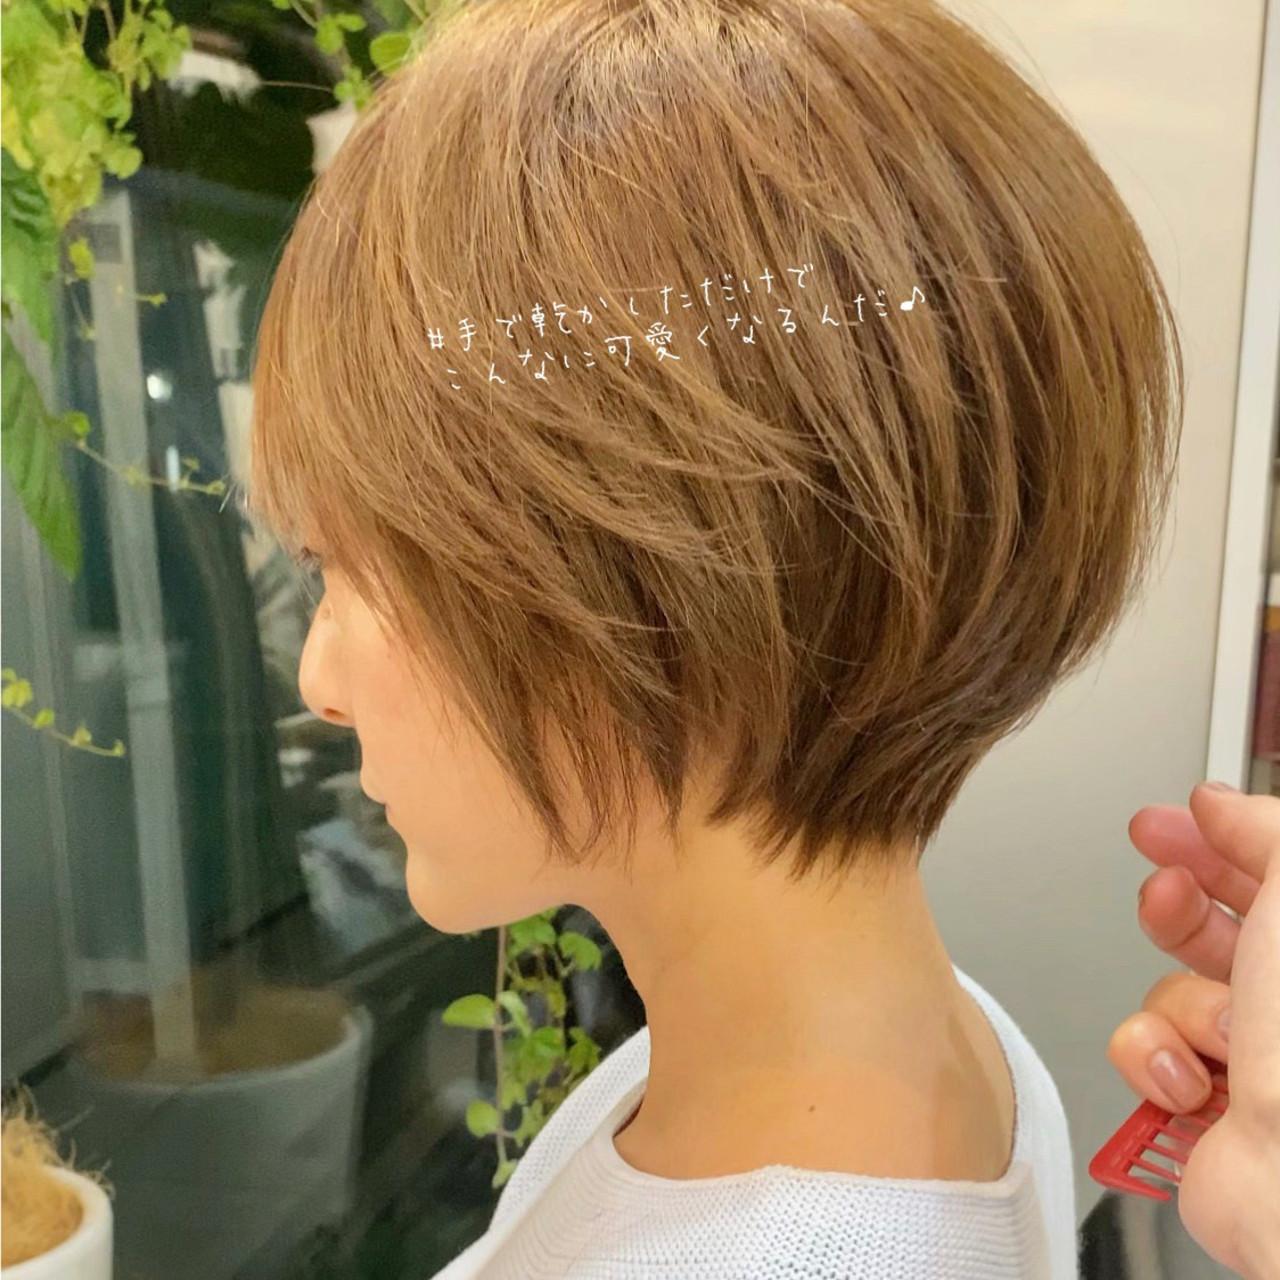 小顔ショート ショート ショートボブ アンニュイほつれヘア ヘアスタイルや髪型の写真・画像